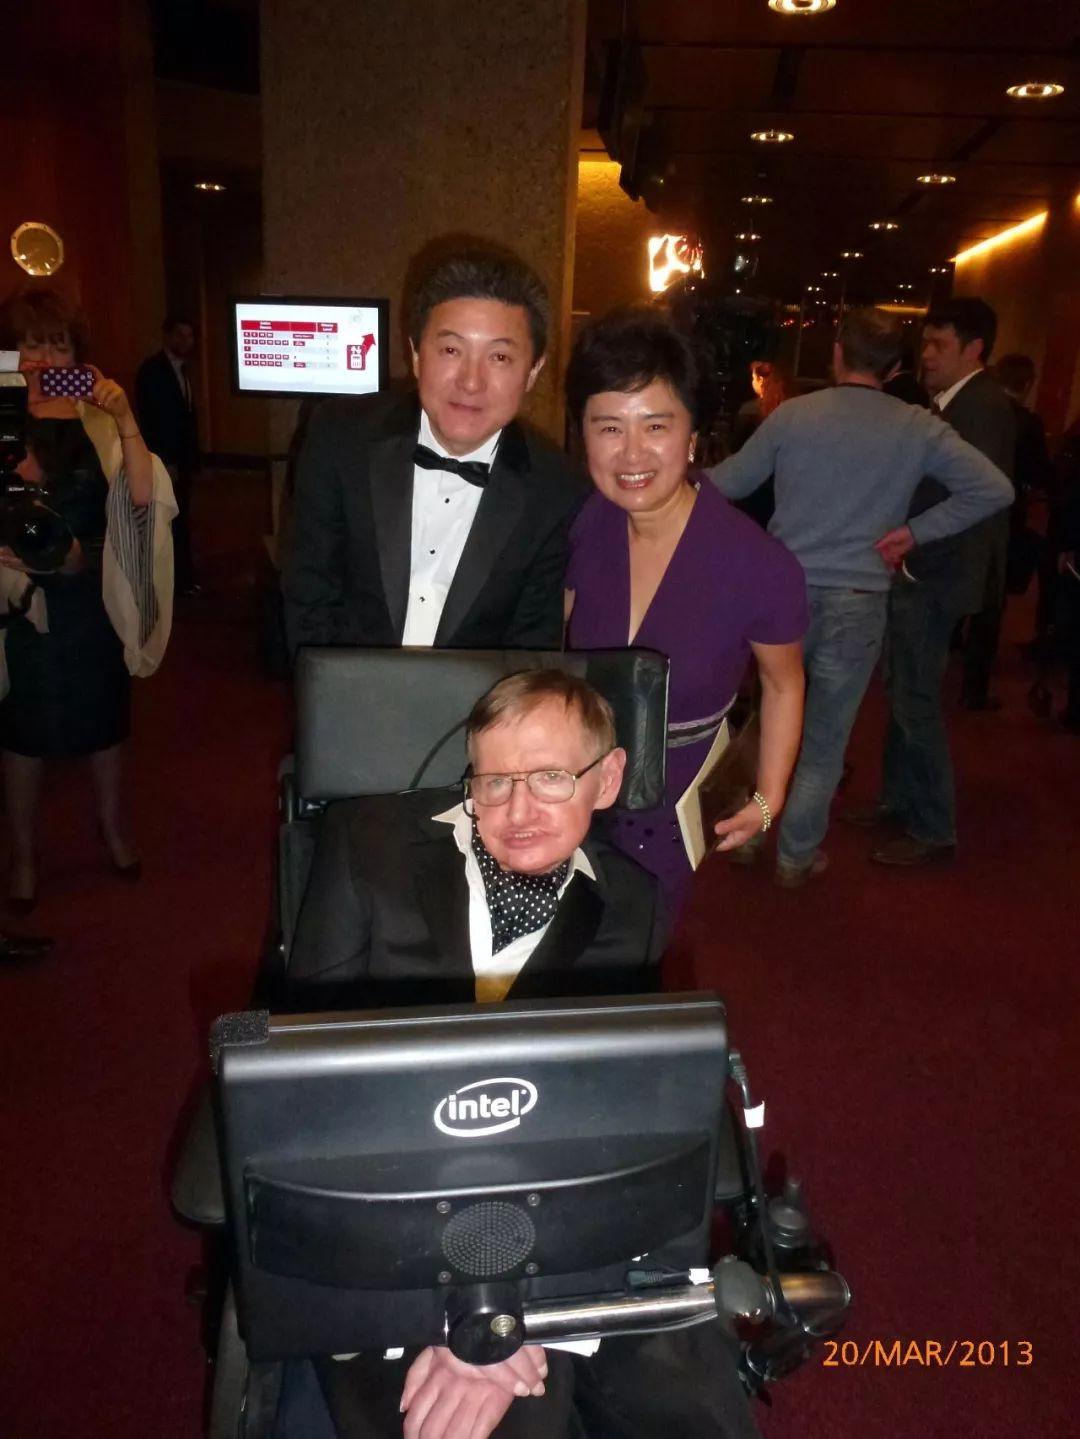 当地时间2013年3月20日晚,瑞士日内瓦,美国斯坦福大学华人物理学教授张首晟(左)获尤里基础物理学前沿奖。他与夫人余晓帆(右)与同日获得稀奇奖的英国物理学家霍金(前)。尤里基础物理学奖由俄罗斯亿万富翁及风险投资家尤里·米尔纳于2012年7月成立,在全球周围内奖励特出理论物理学家。   图片来源:中国讯息图片网张首晟挑供